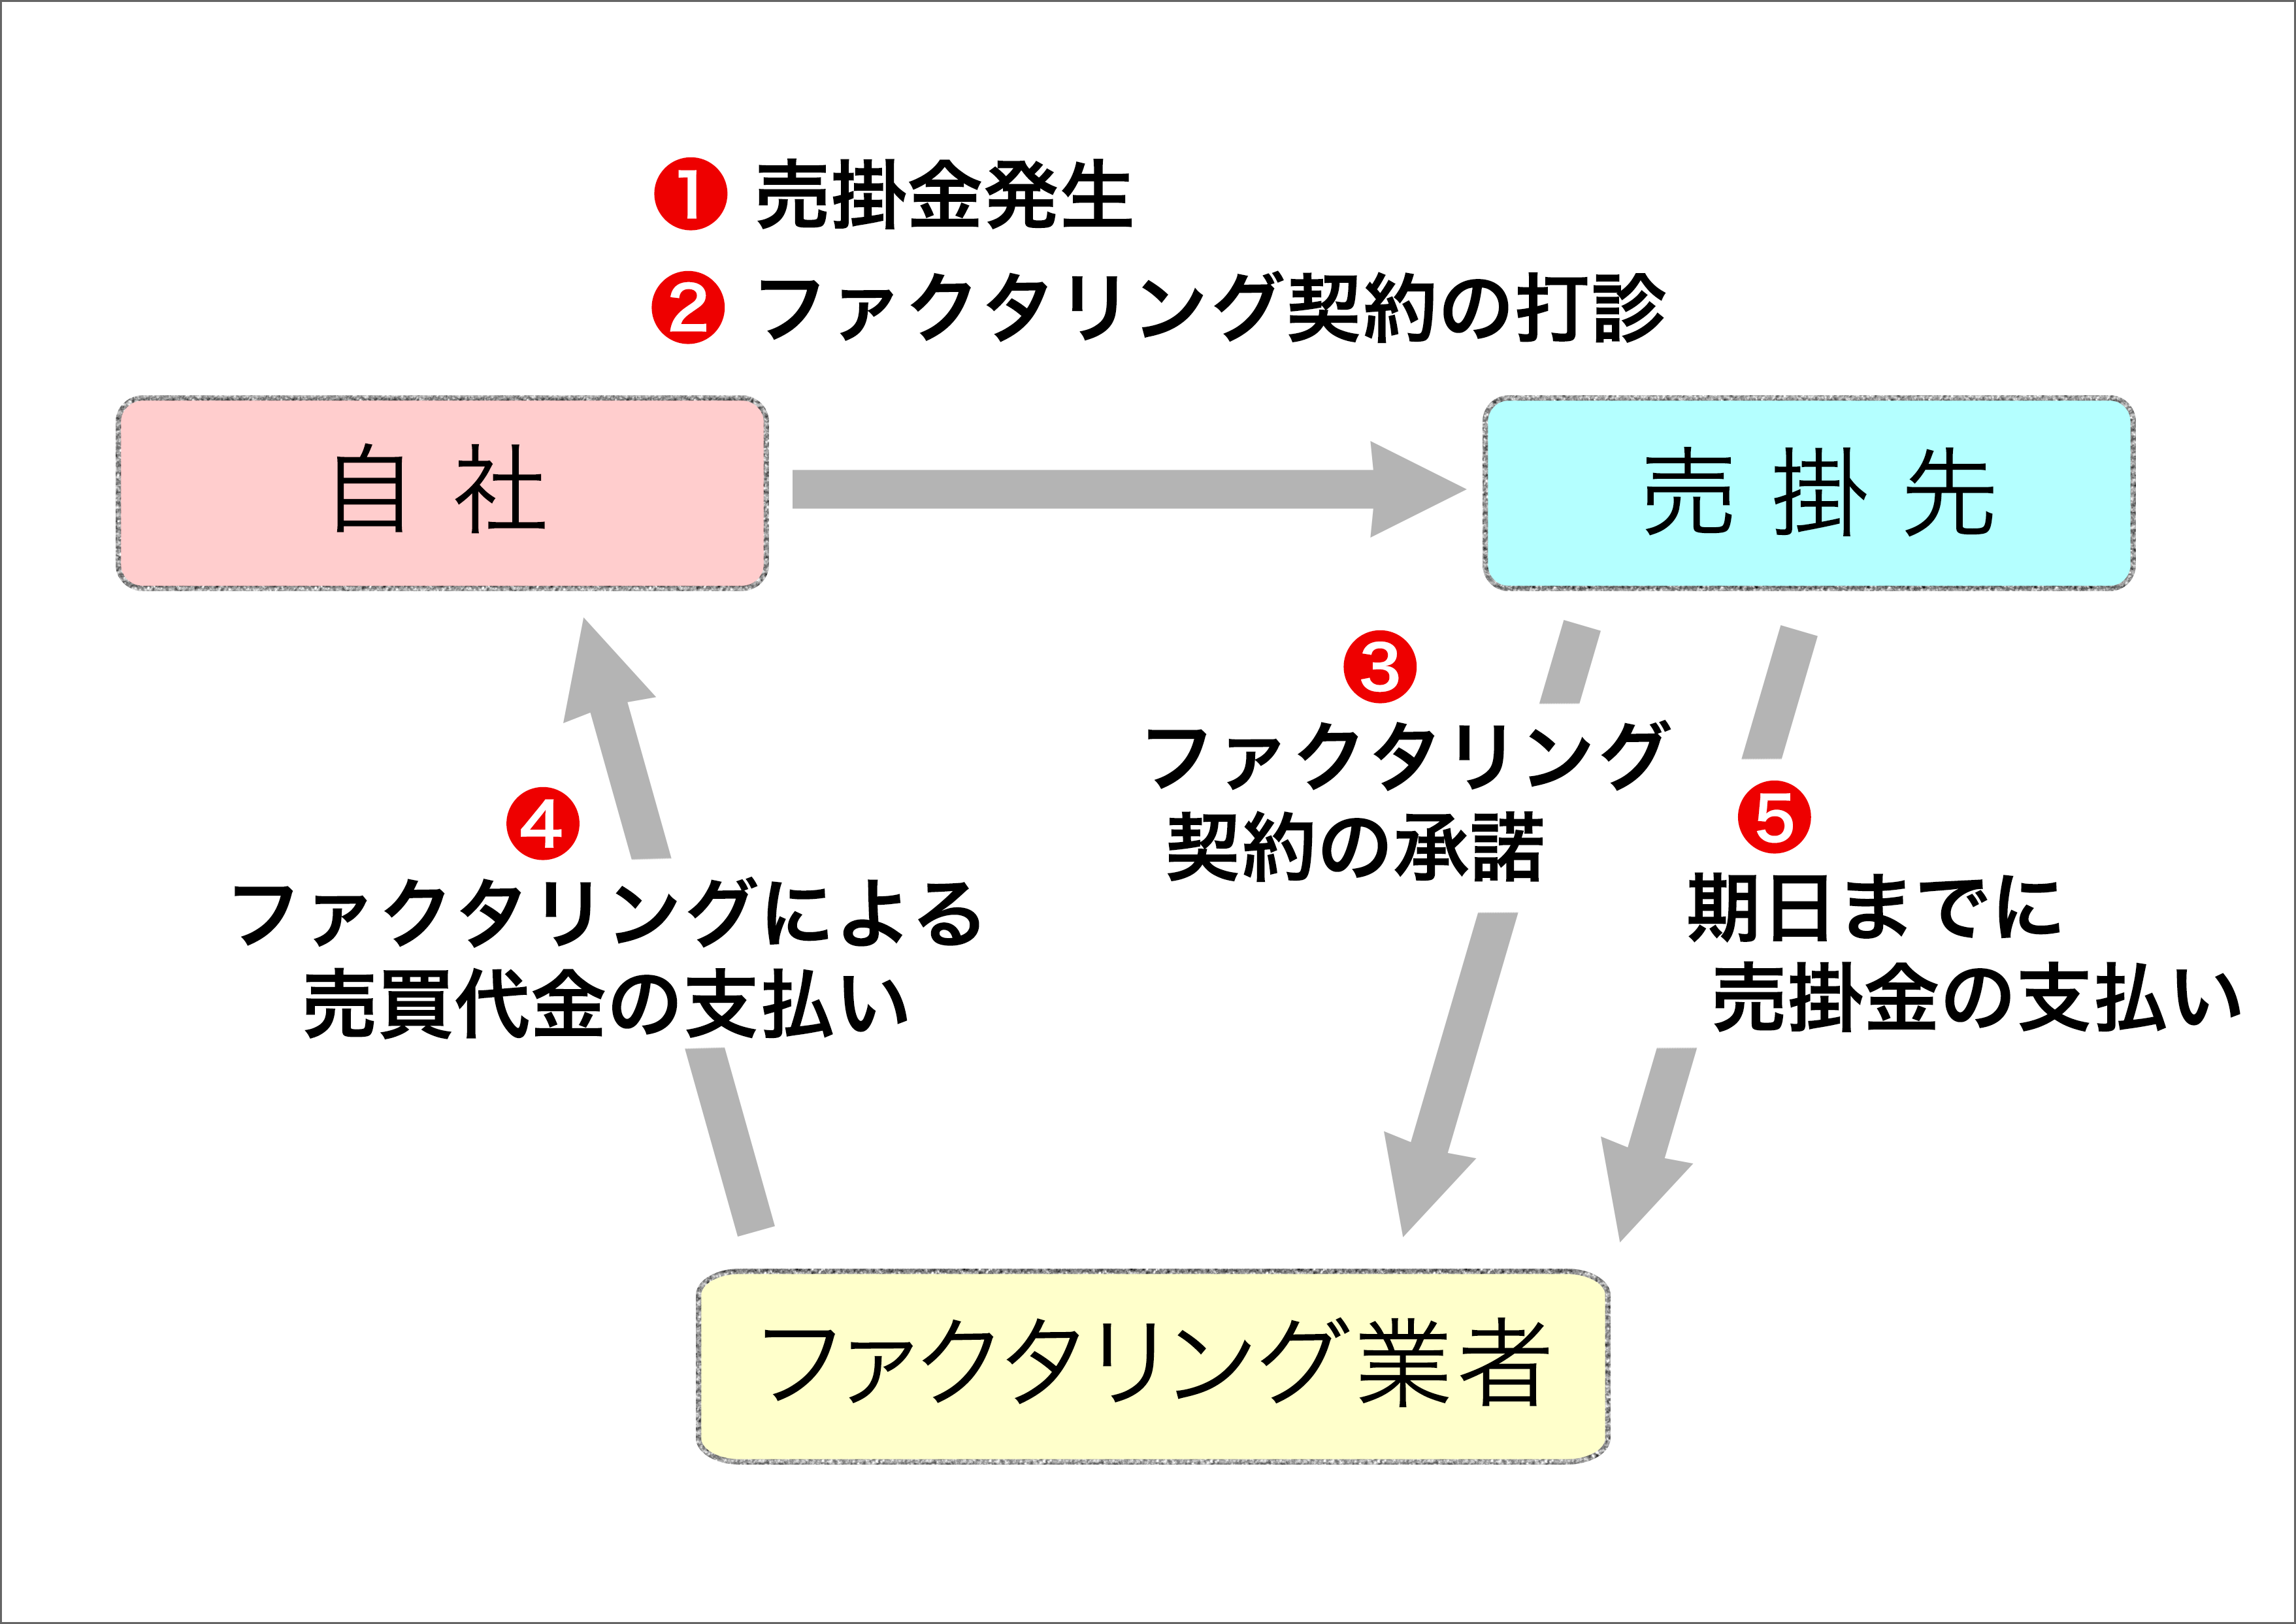 3社間ファクタリングについての説明図